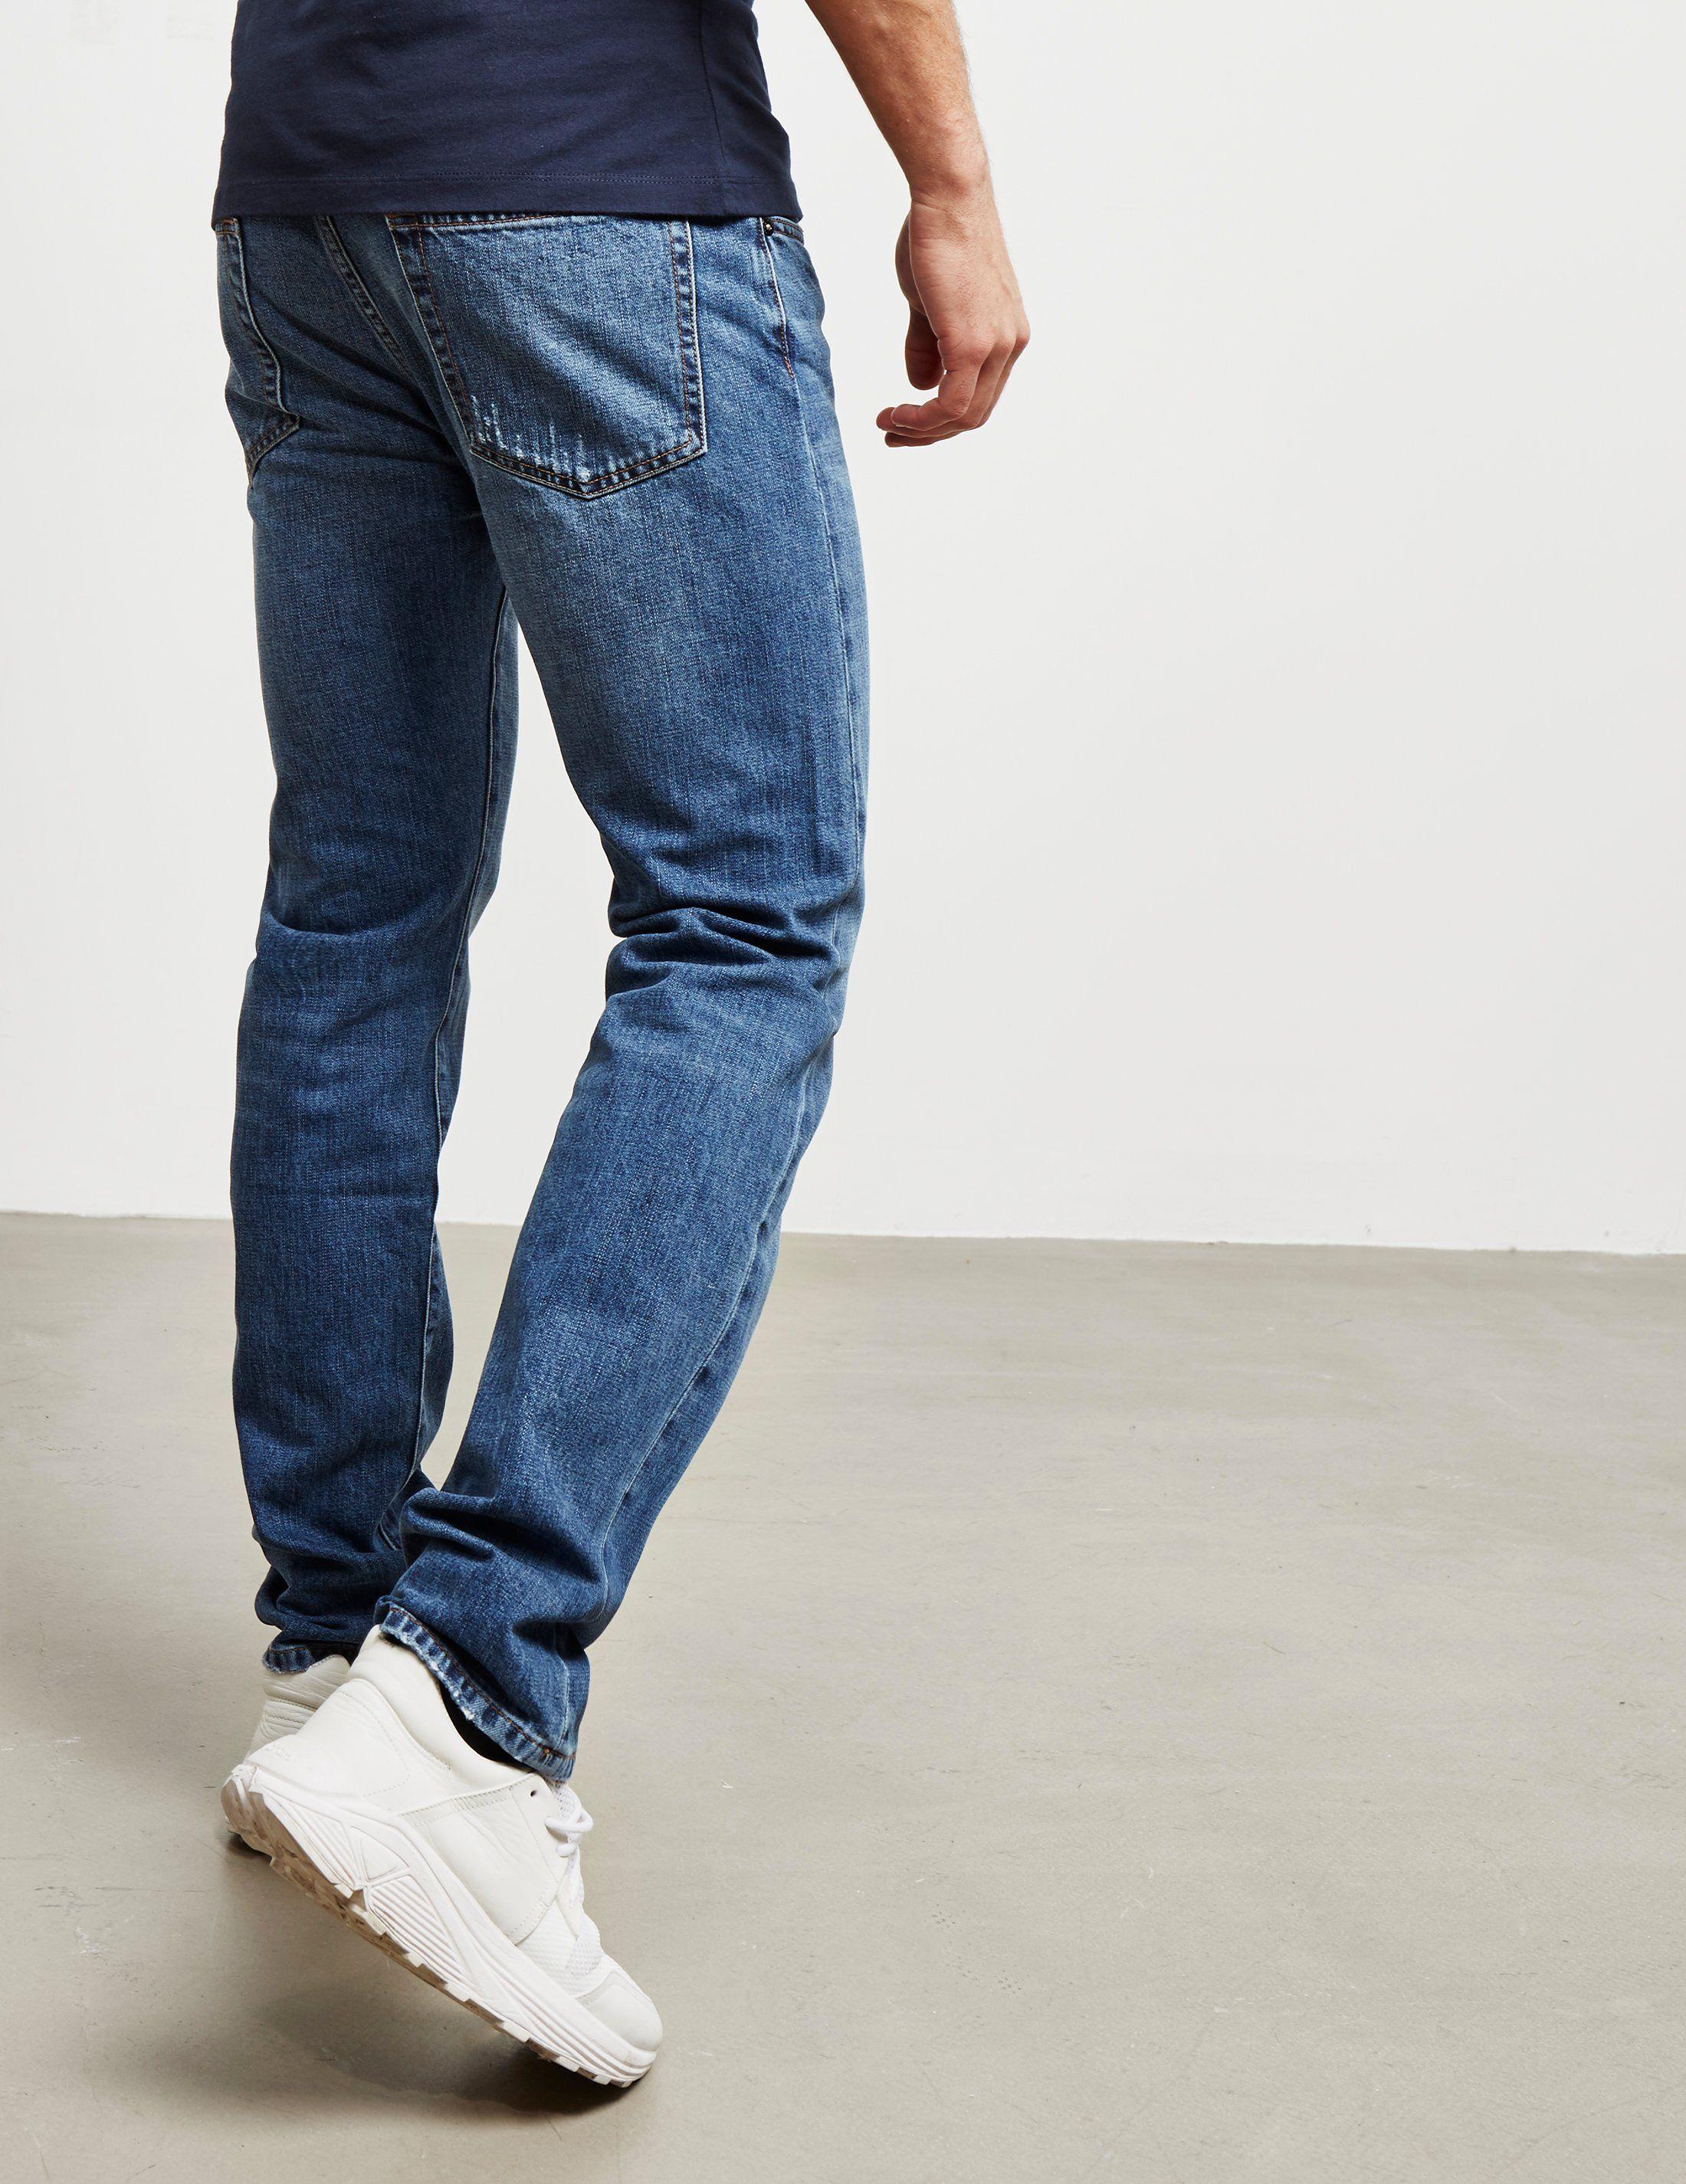 Barbour International Regular Jeans - Online Exclusive